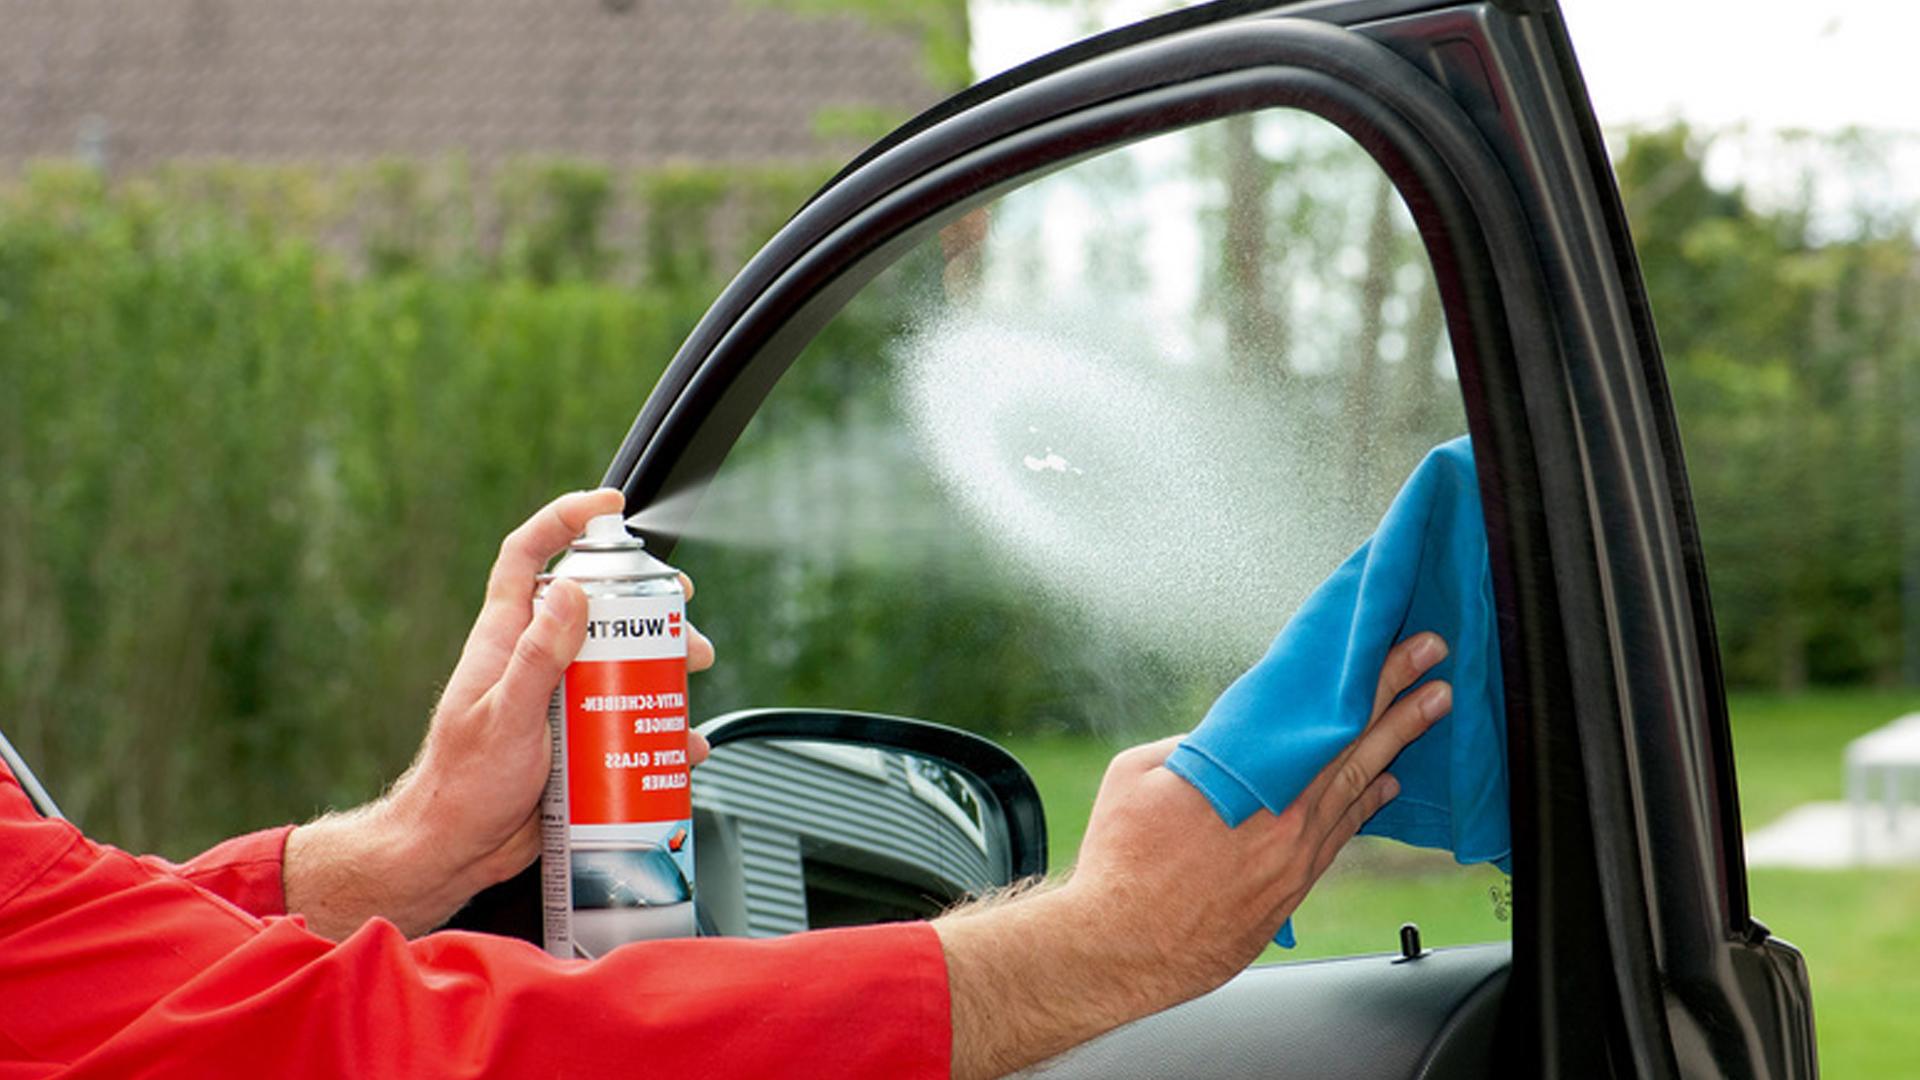 Смазывание спреем боковых стекол автомобиля